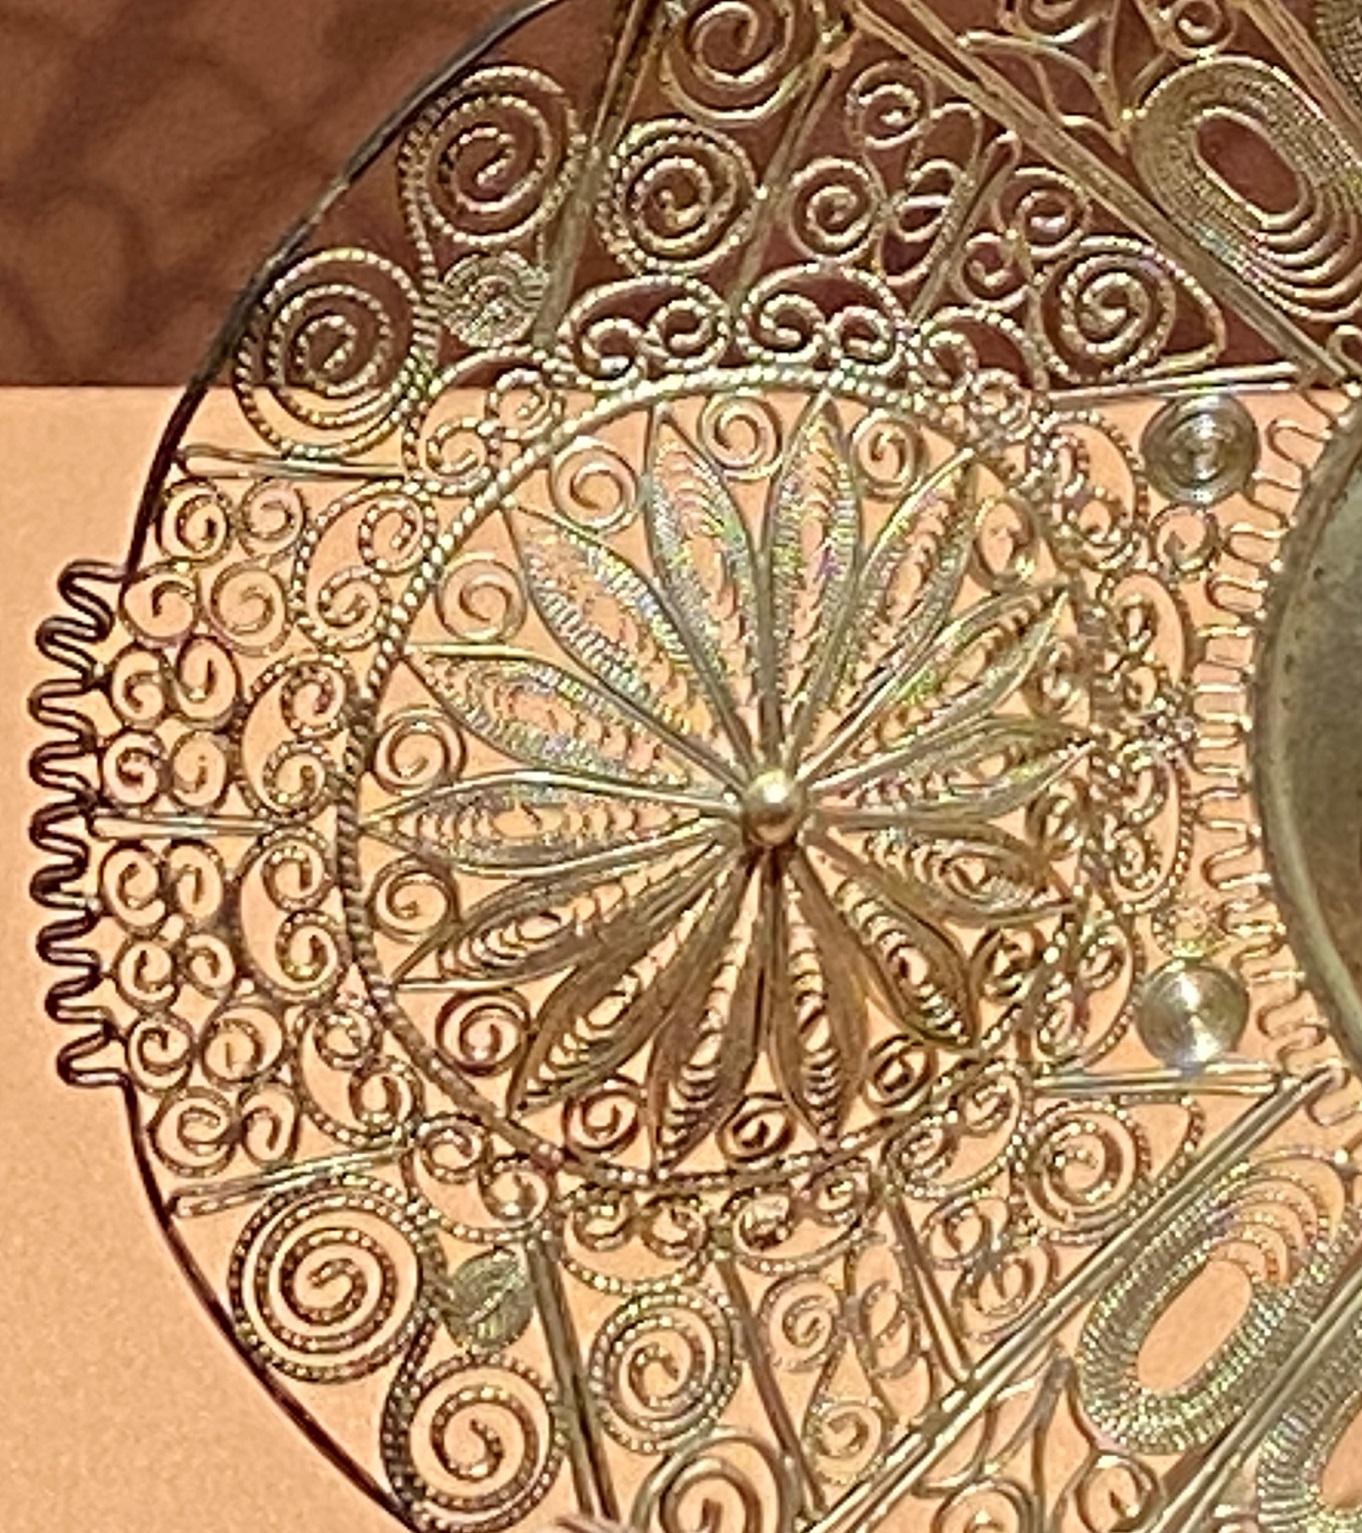 銀絲楕円盤-現代-特別展【食味人間】四川博物院・中国国家博物館